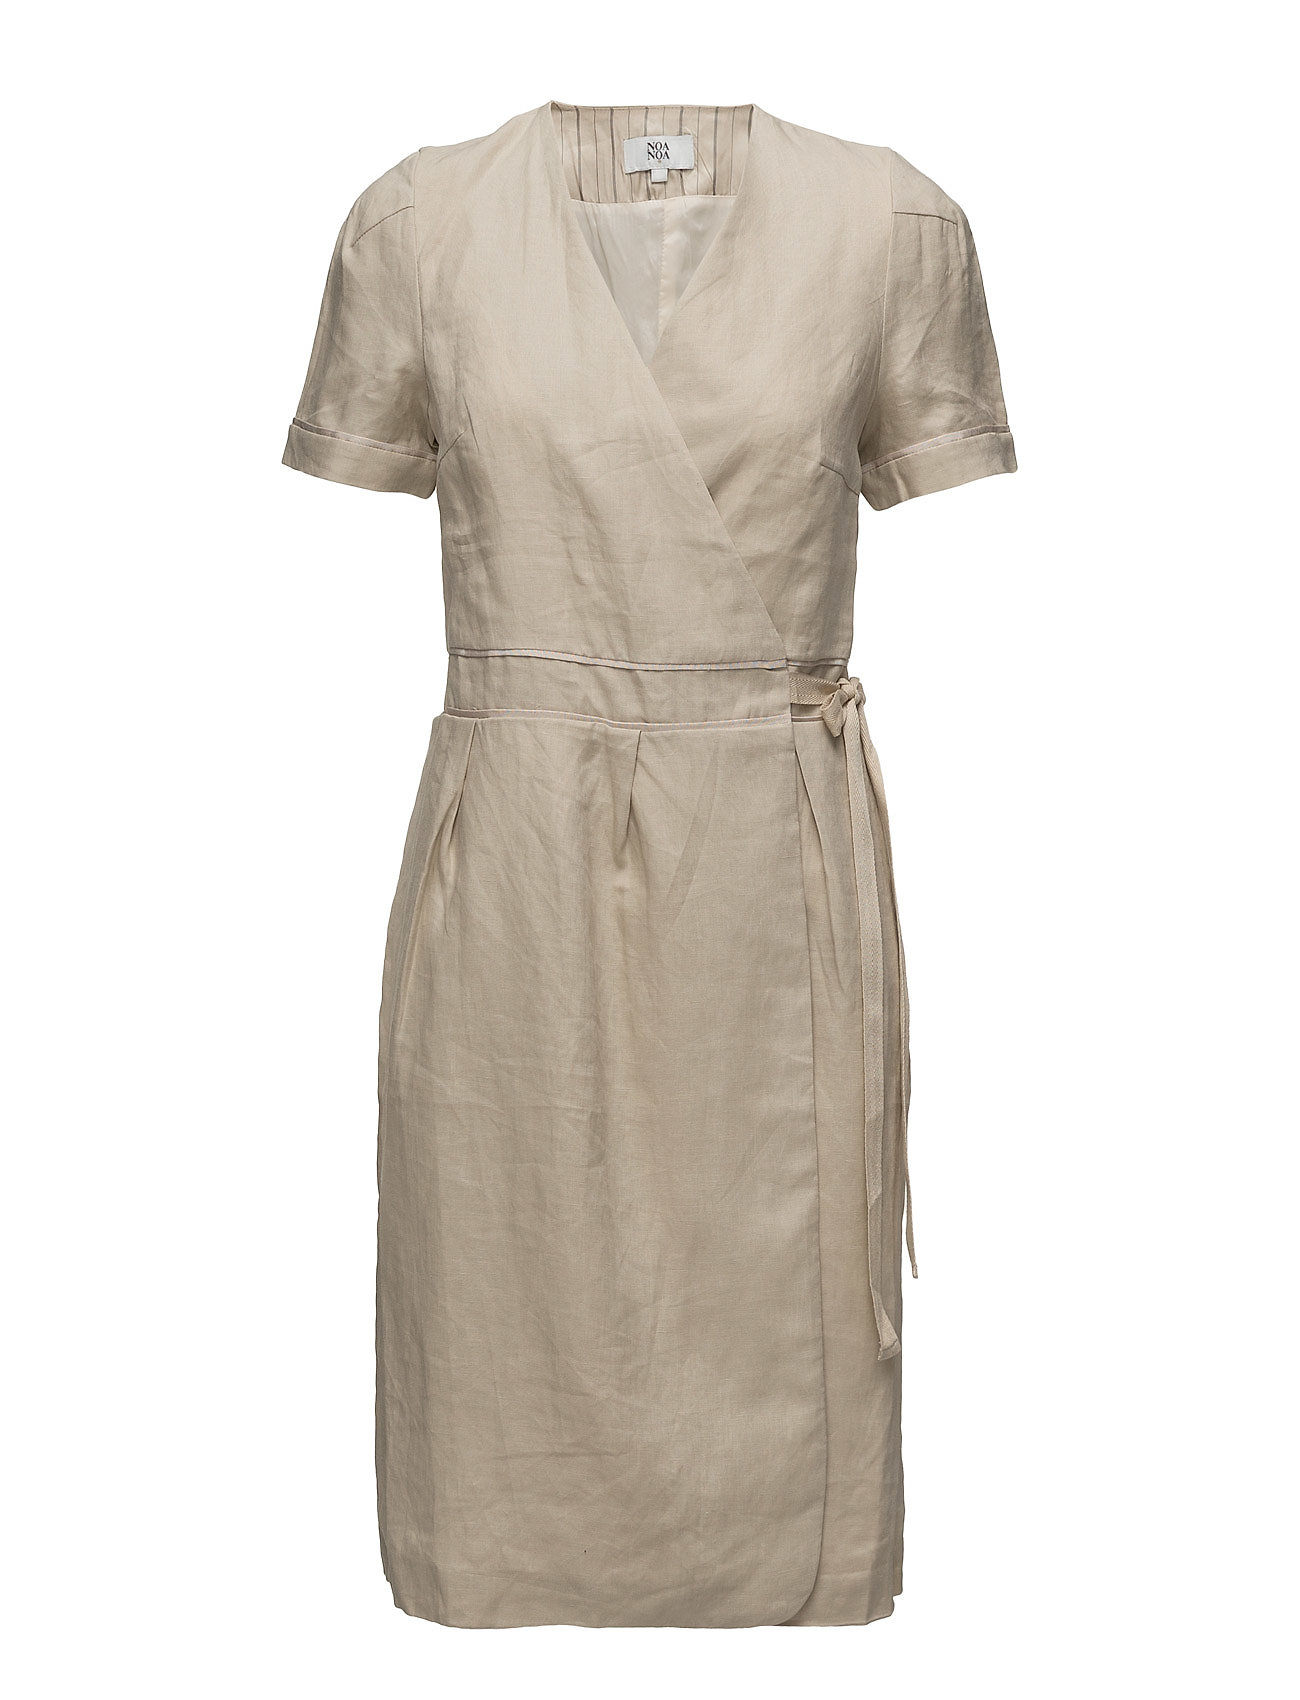 Coola Dress Short Sleeve Noa Noa Knä Och Medelstora till Kvinnor i ... 3d1992eda01a8